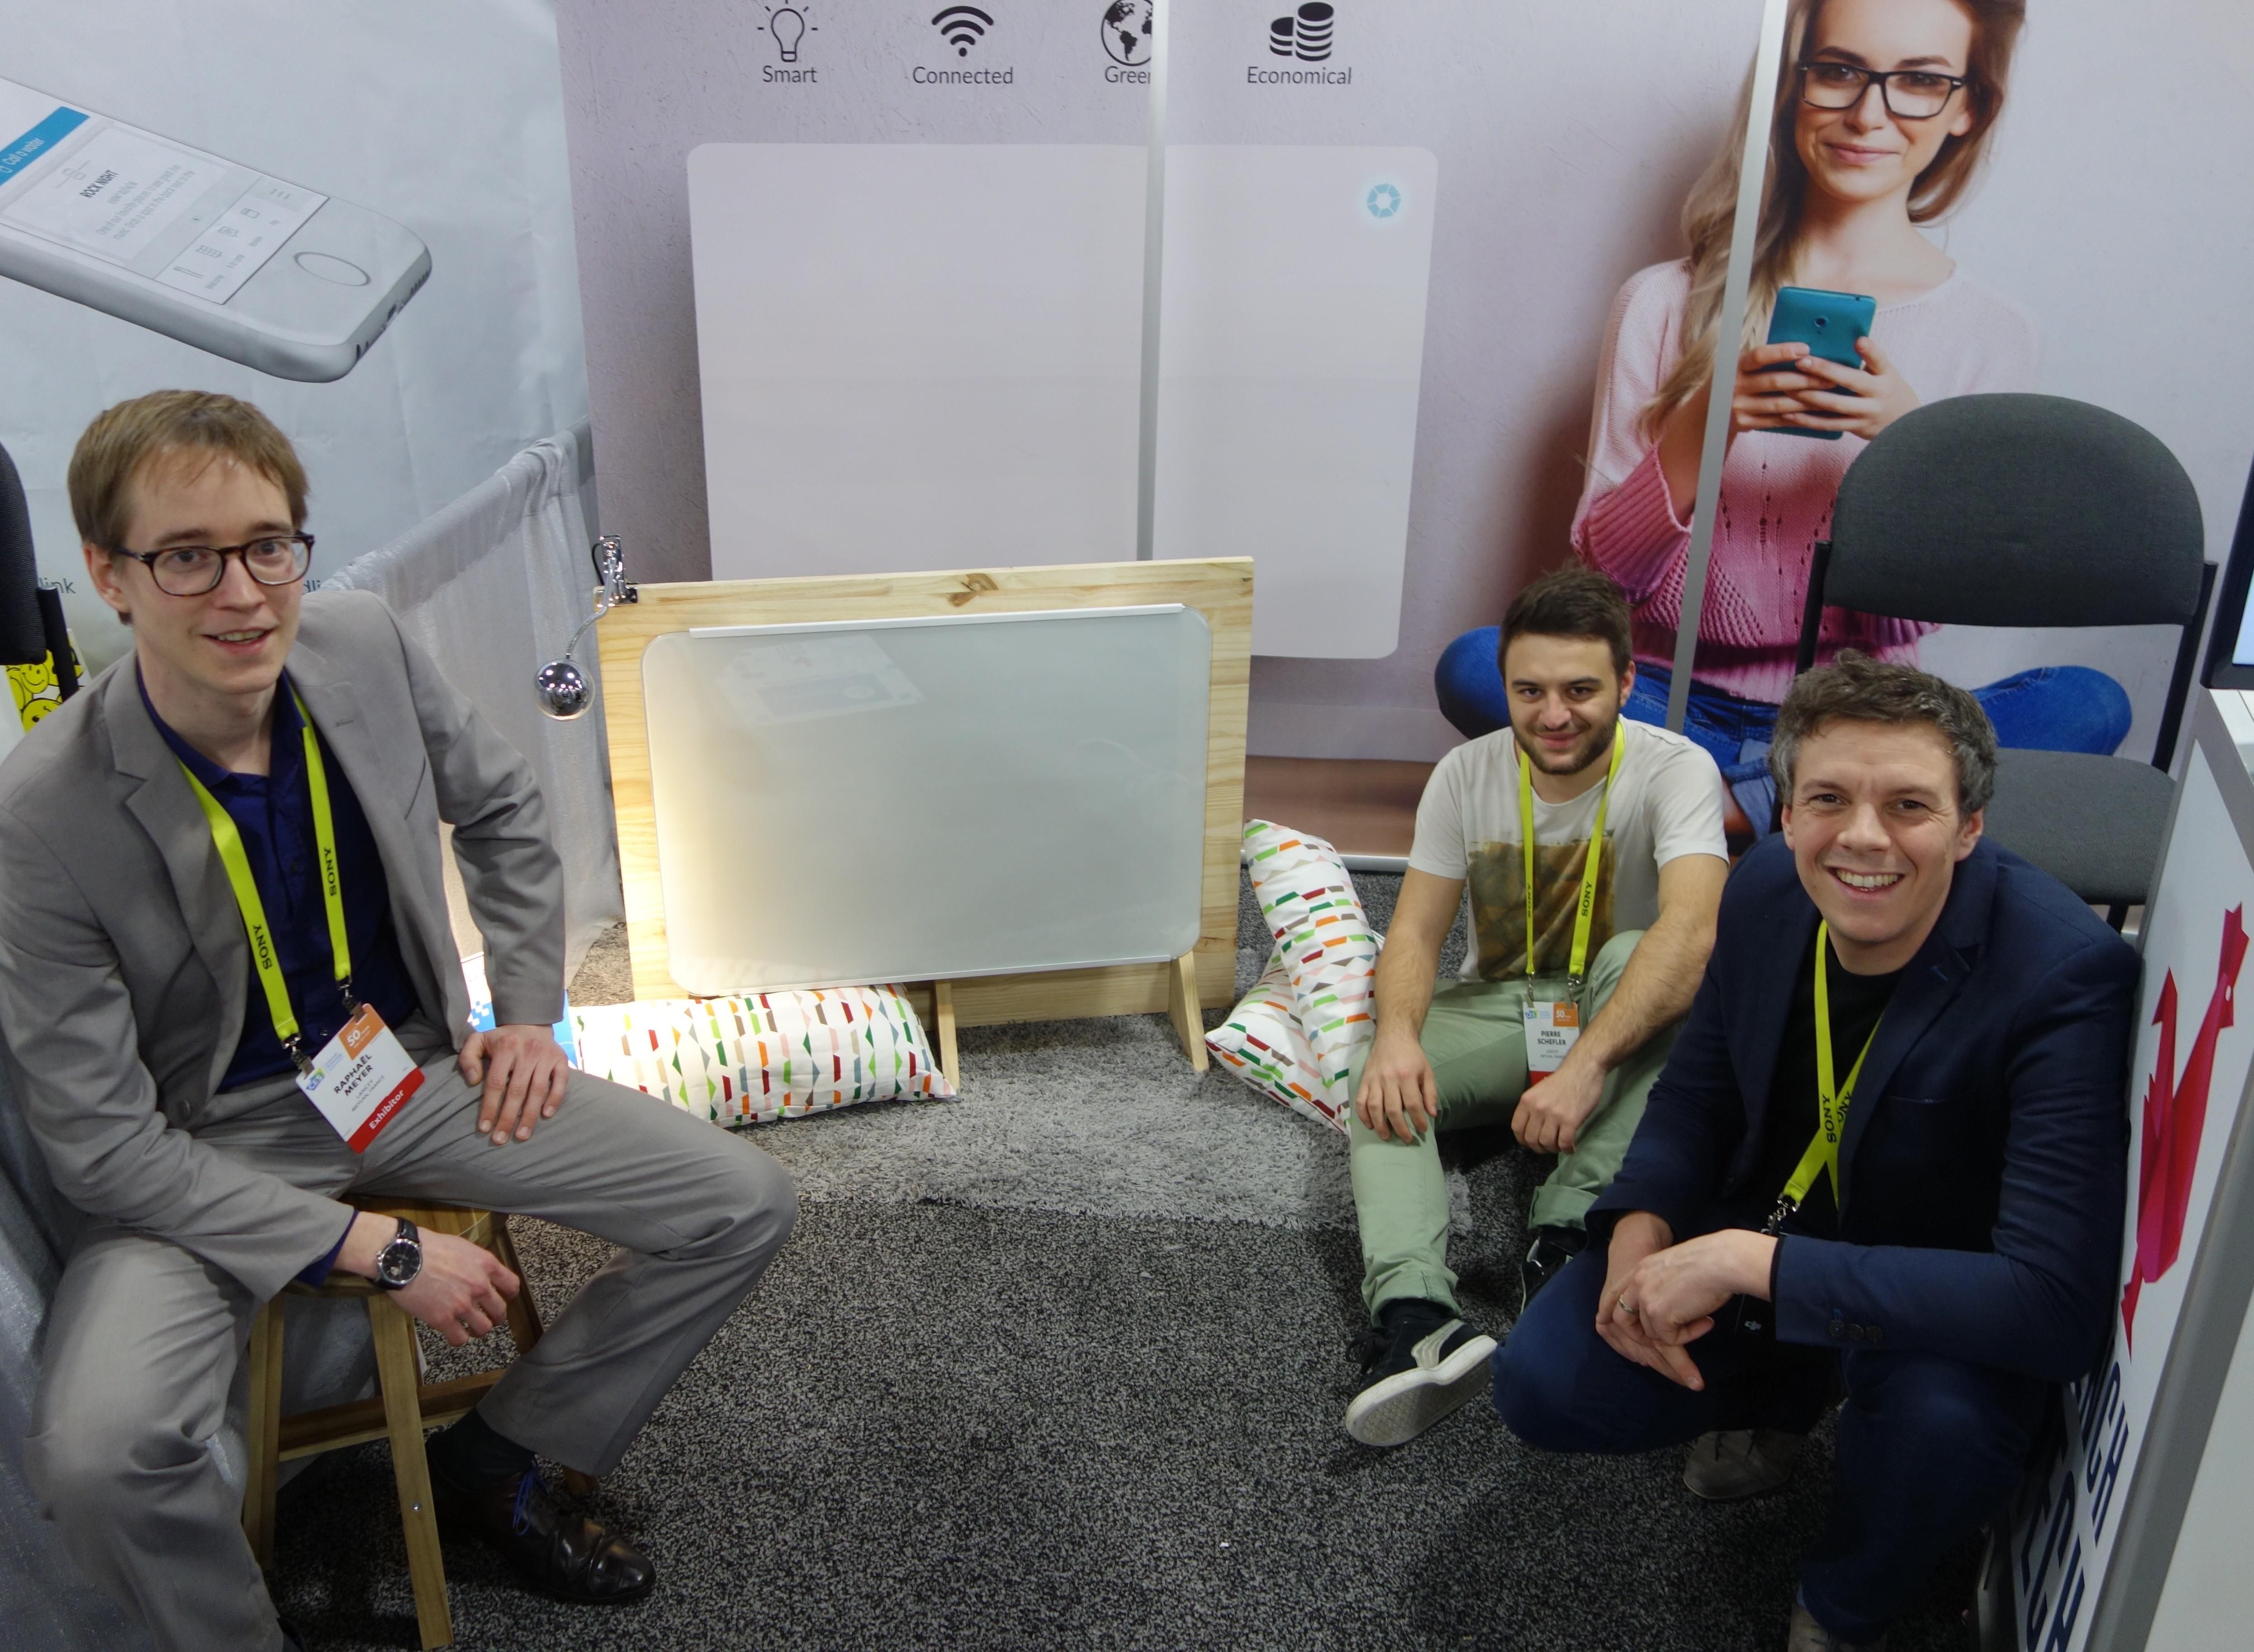 Le radiateur électrique de Lancey présenté au CES de Las Vegas. De gauche à droite : Raphaël Meyer (Président), Pierre Schefler (Chef du Développement), Gilles Moreau (Directeur technique).